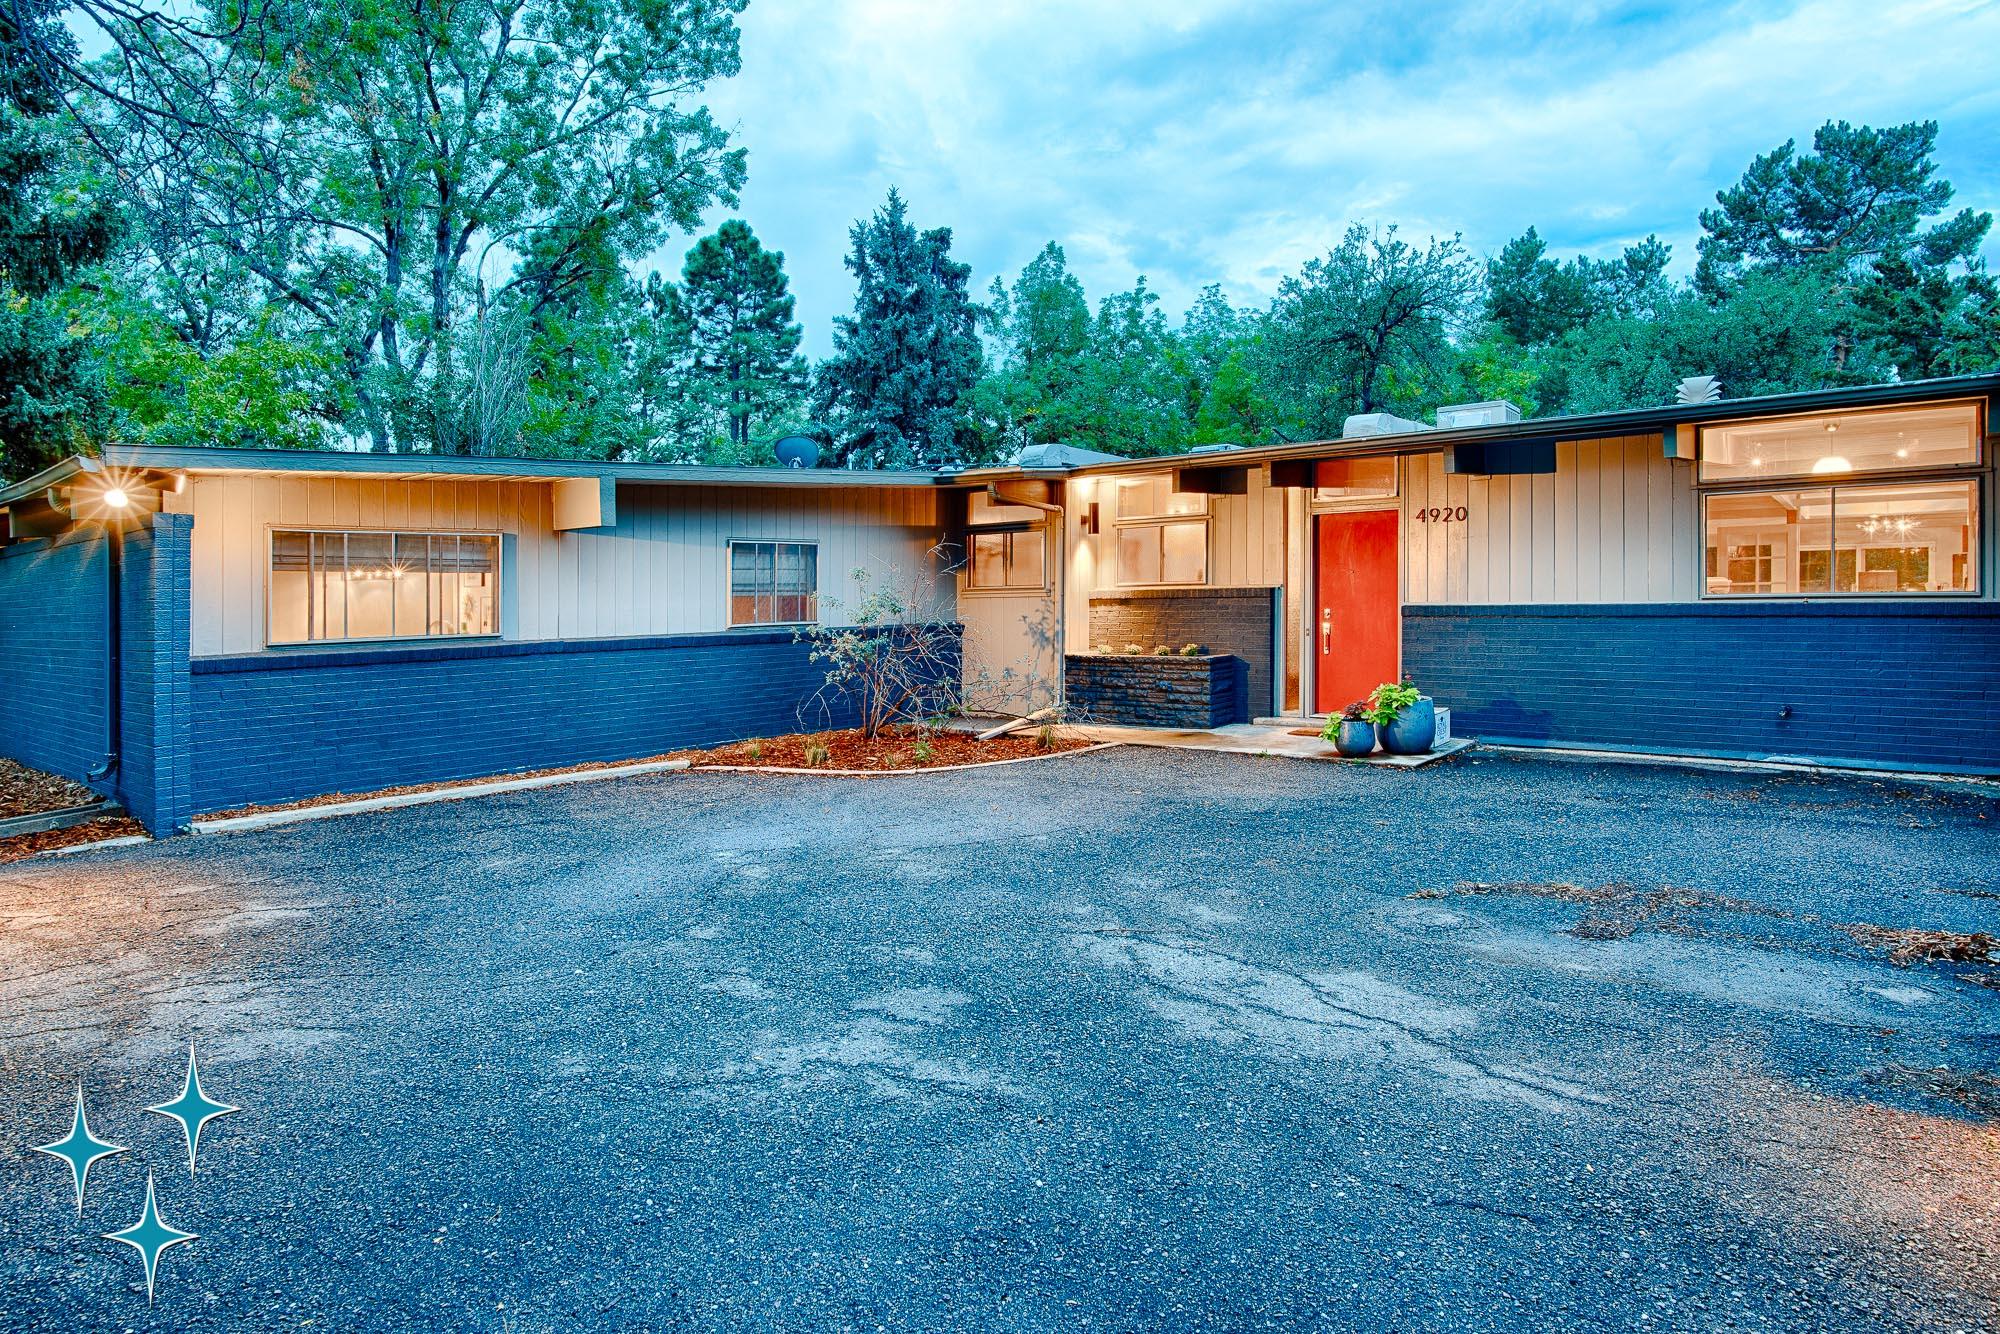 Adrian-Kinney-4920-E-Vassar-Lane-Denver-Dahlia-Acres-2000w50-3SWM-2.jpg